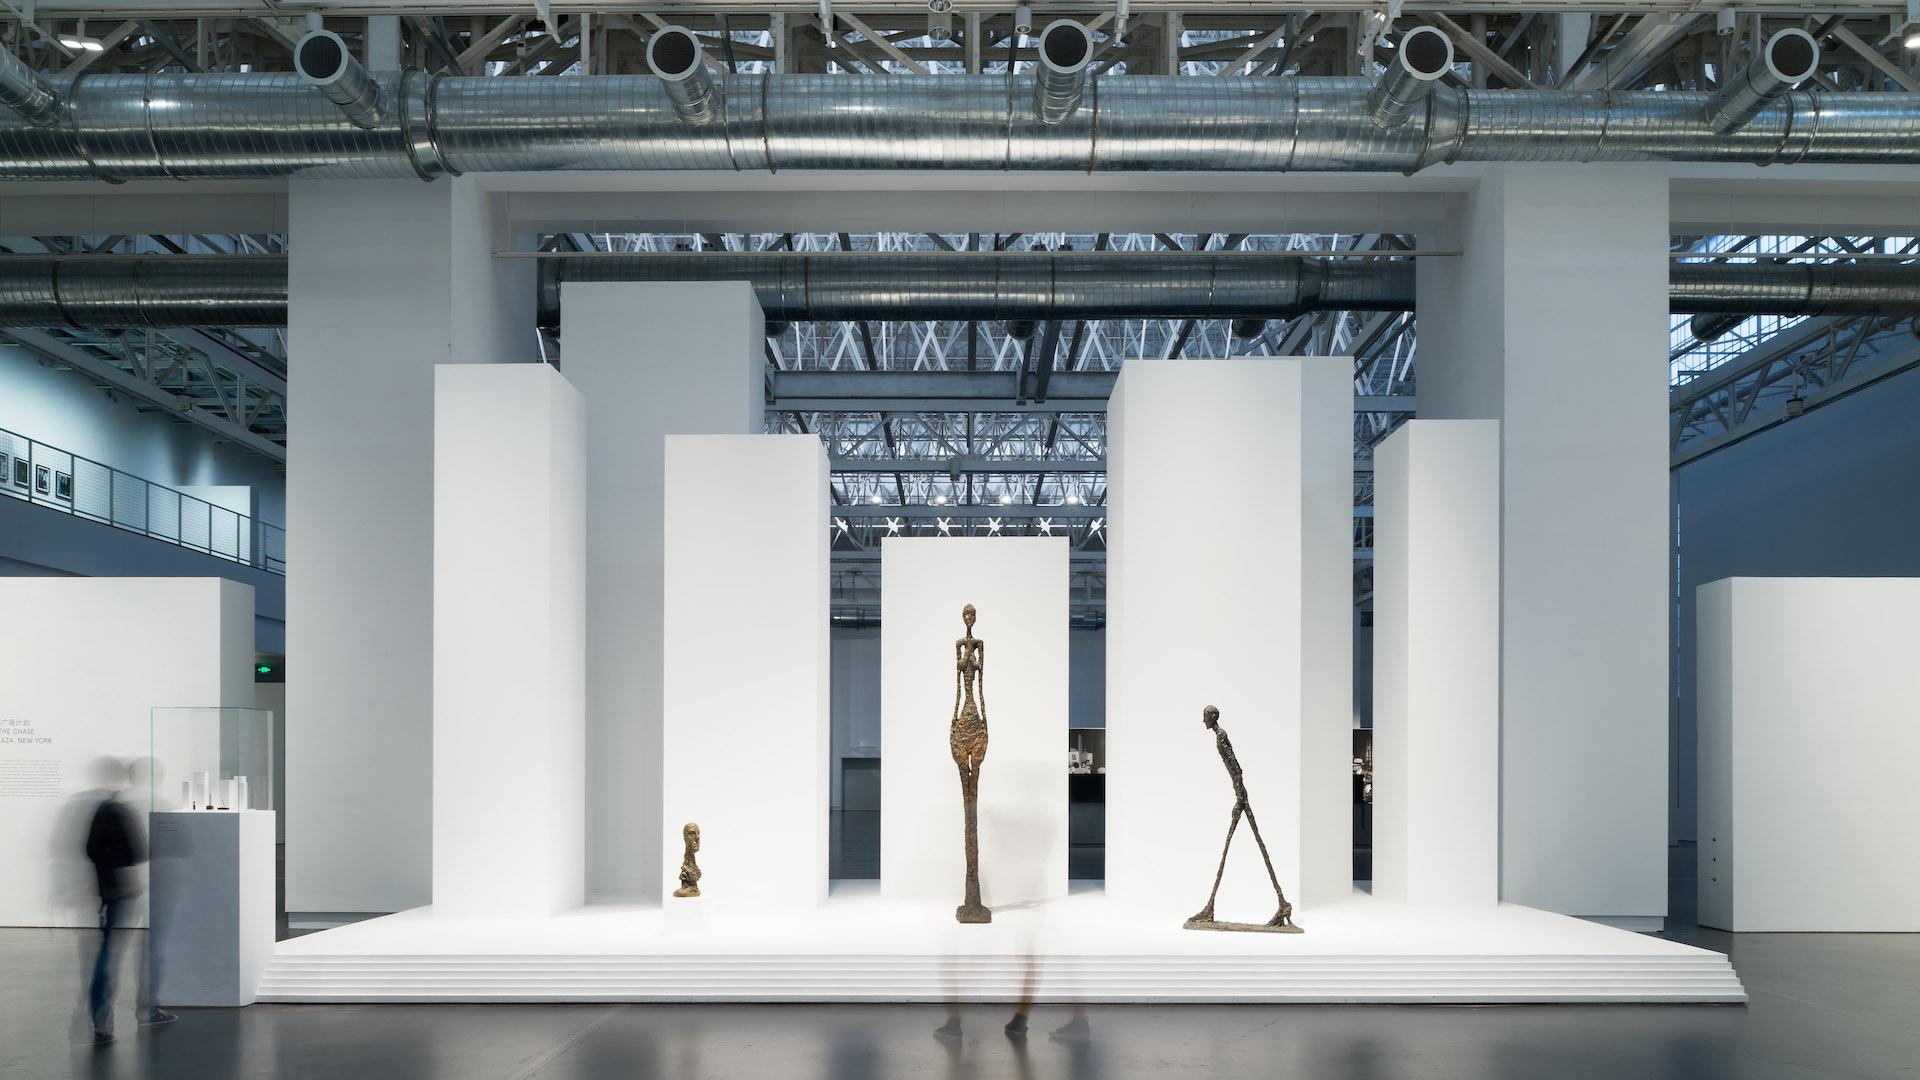 贾科梅蒂的展览设计实景图.jpg